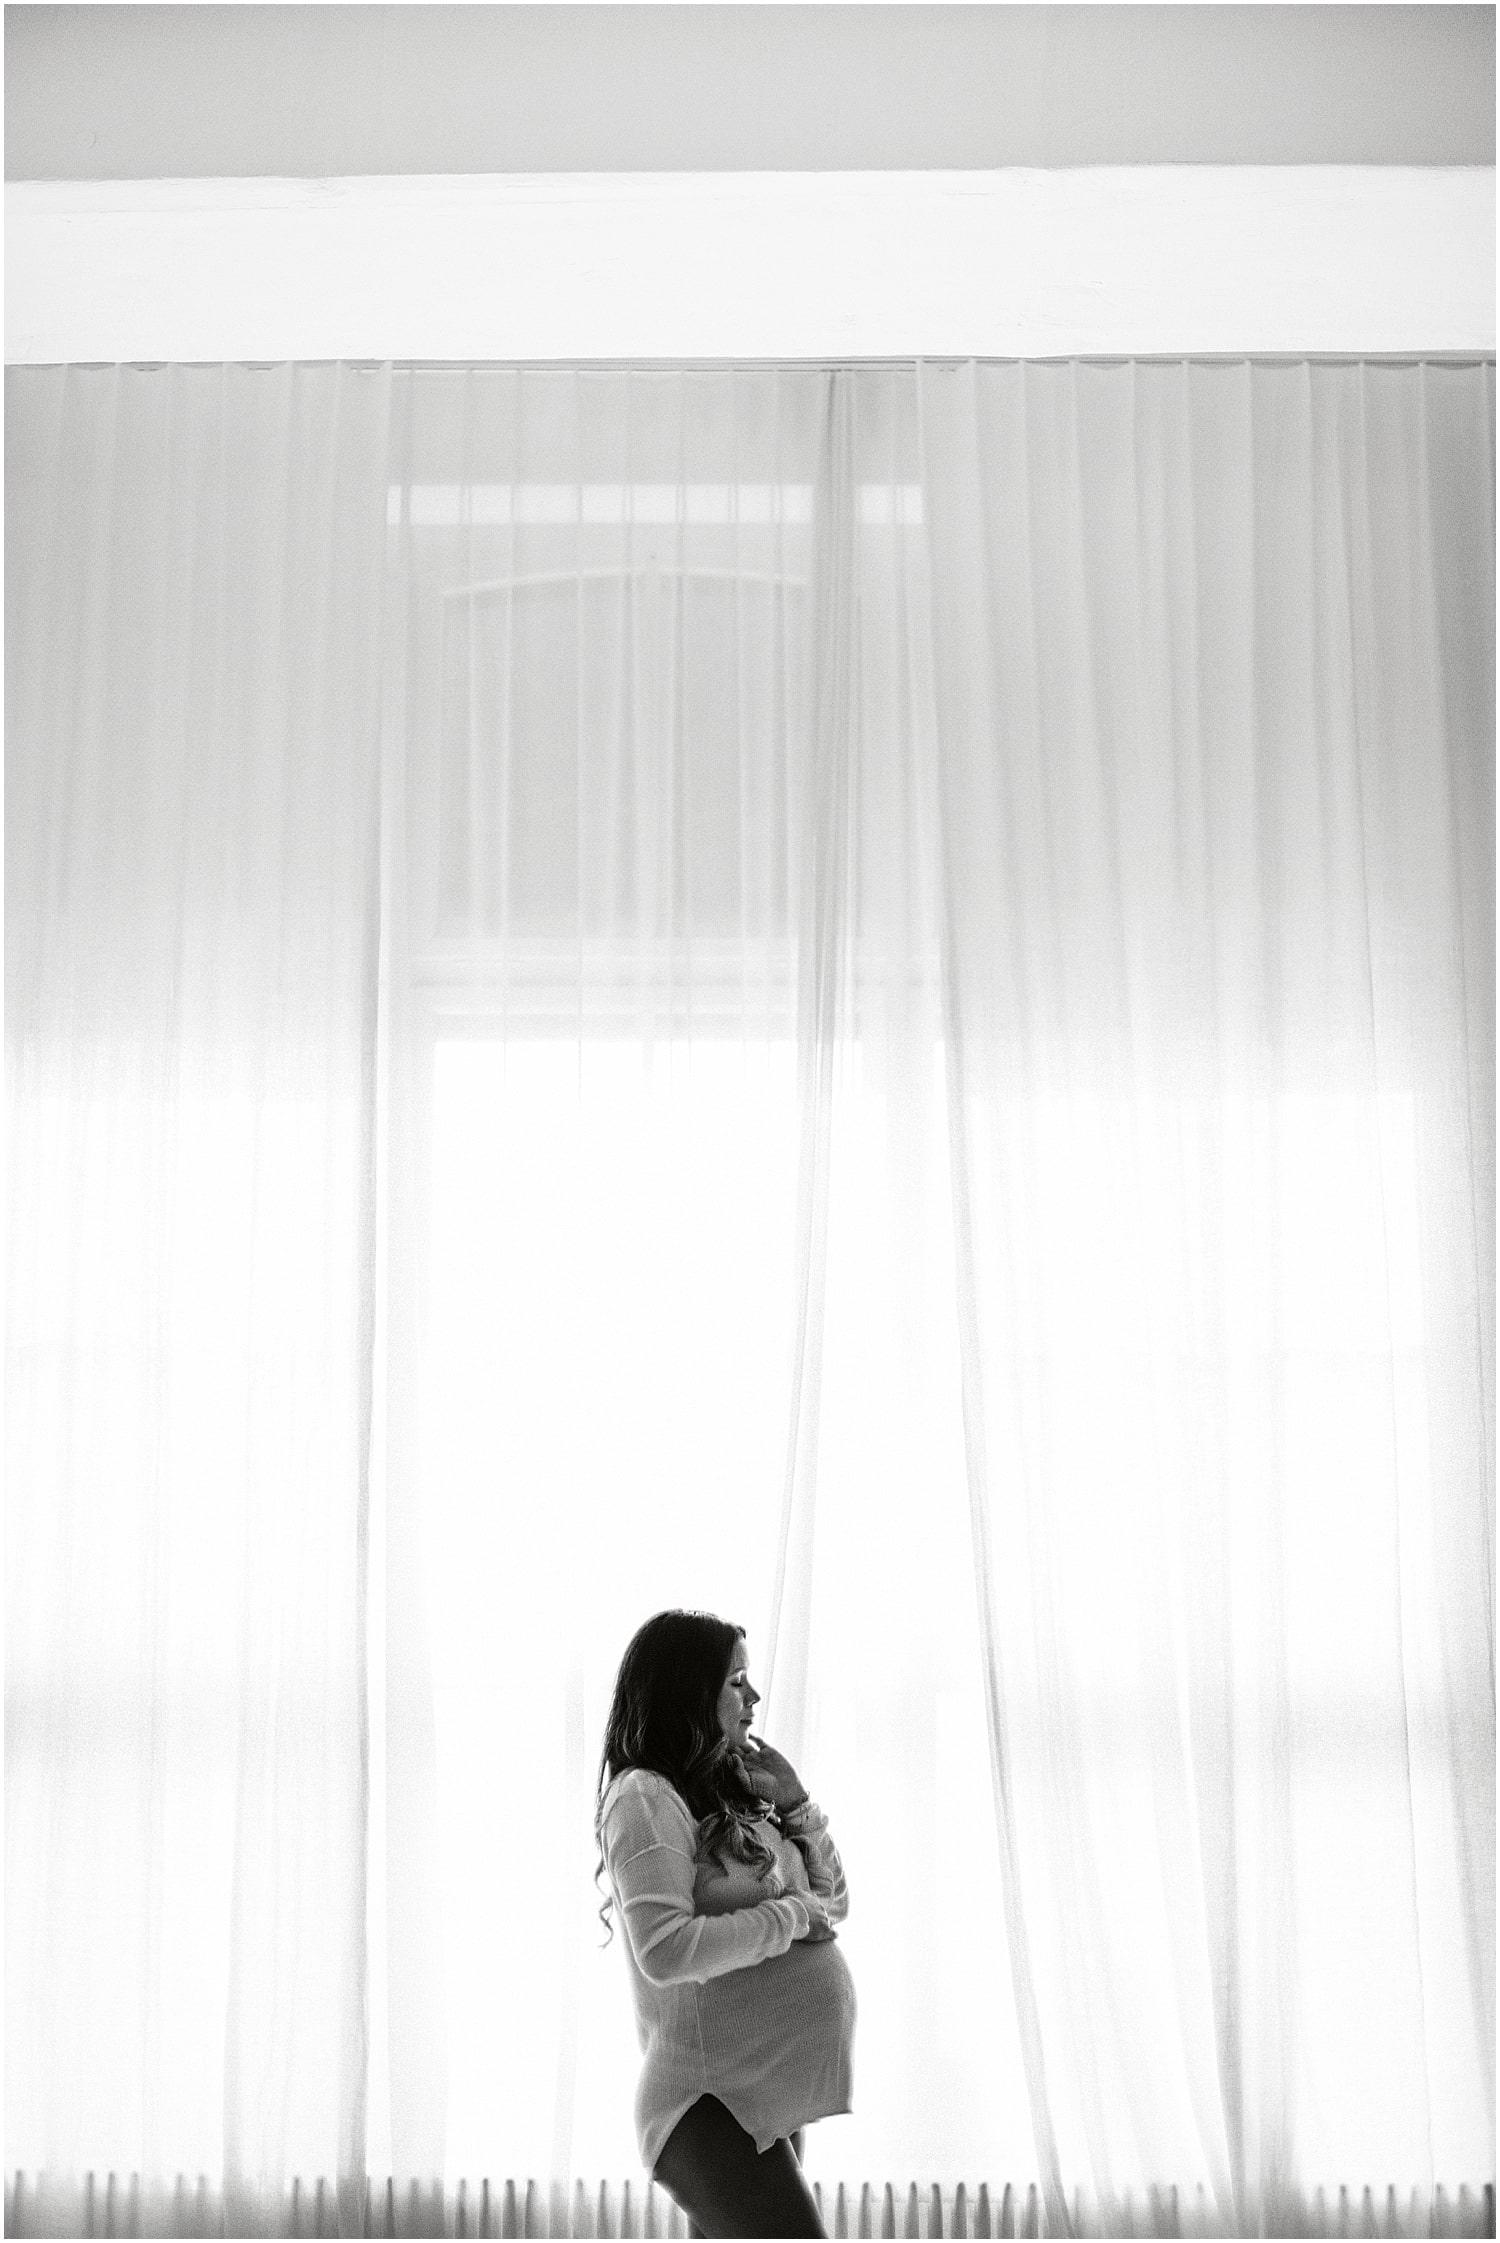 Babybauch, Babybauch Foto, Babybauch Fotograf, Fotograf Schwangerschaft, Schwangerschaftsfotos, Schwangerschafts Foto, Schwangerschaft Bilder, Babybauchbilder, Babybauchfotograf, Fotograf Ostschweiz, Fotograf St. Gallen, Fotograf Arbon